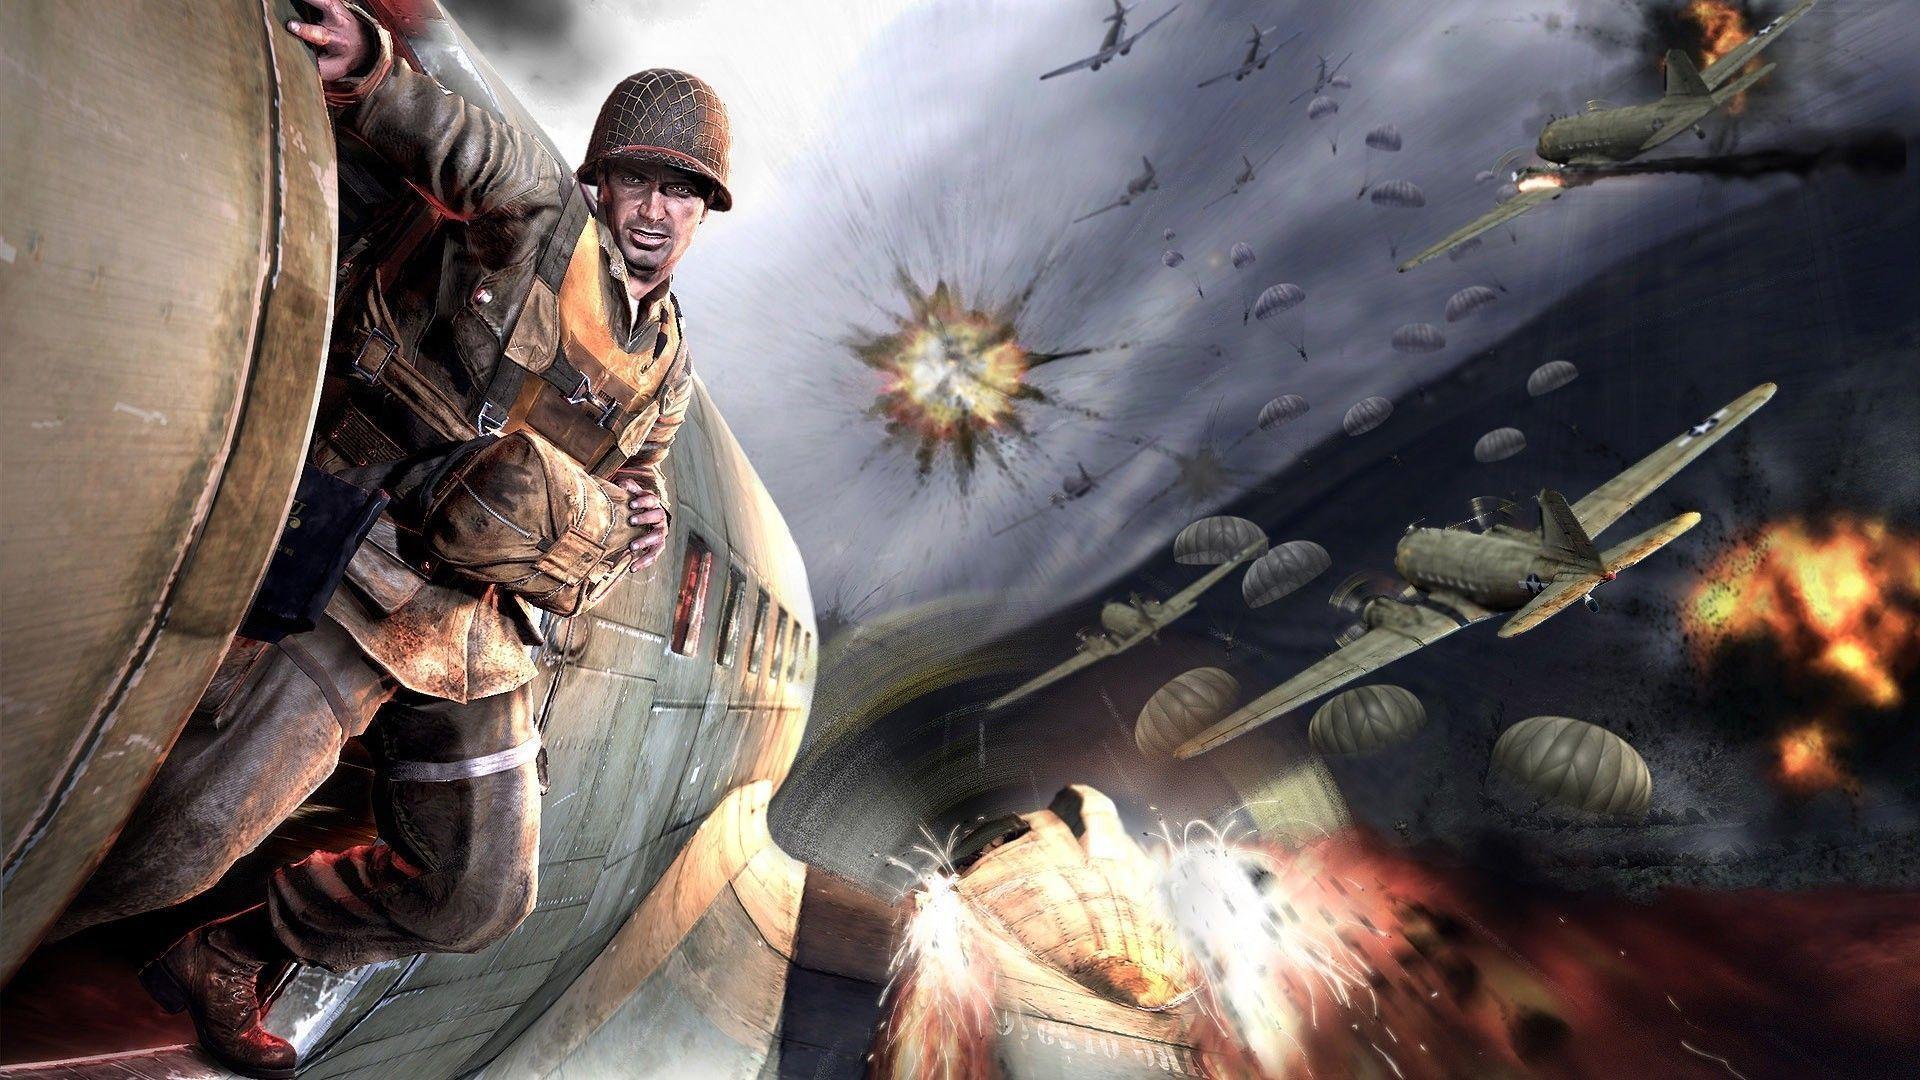 Medal Of Honor Screensaver